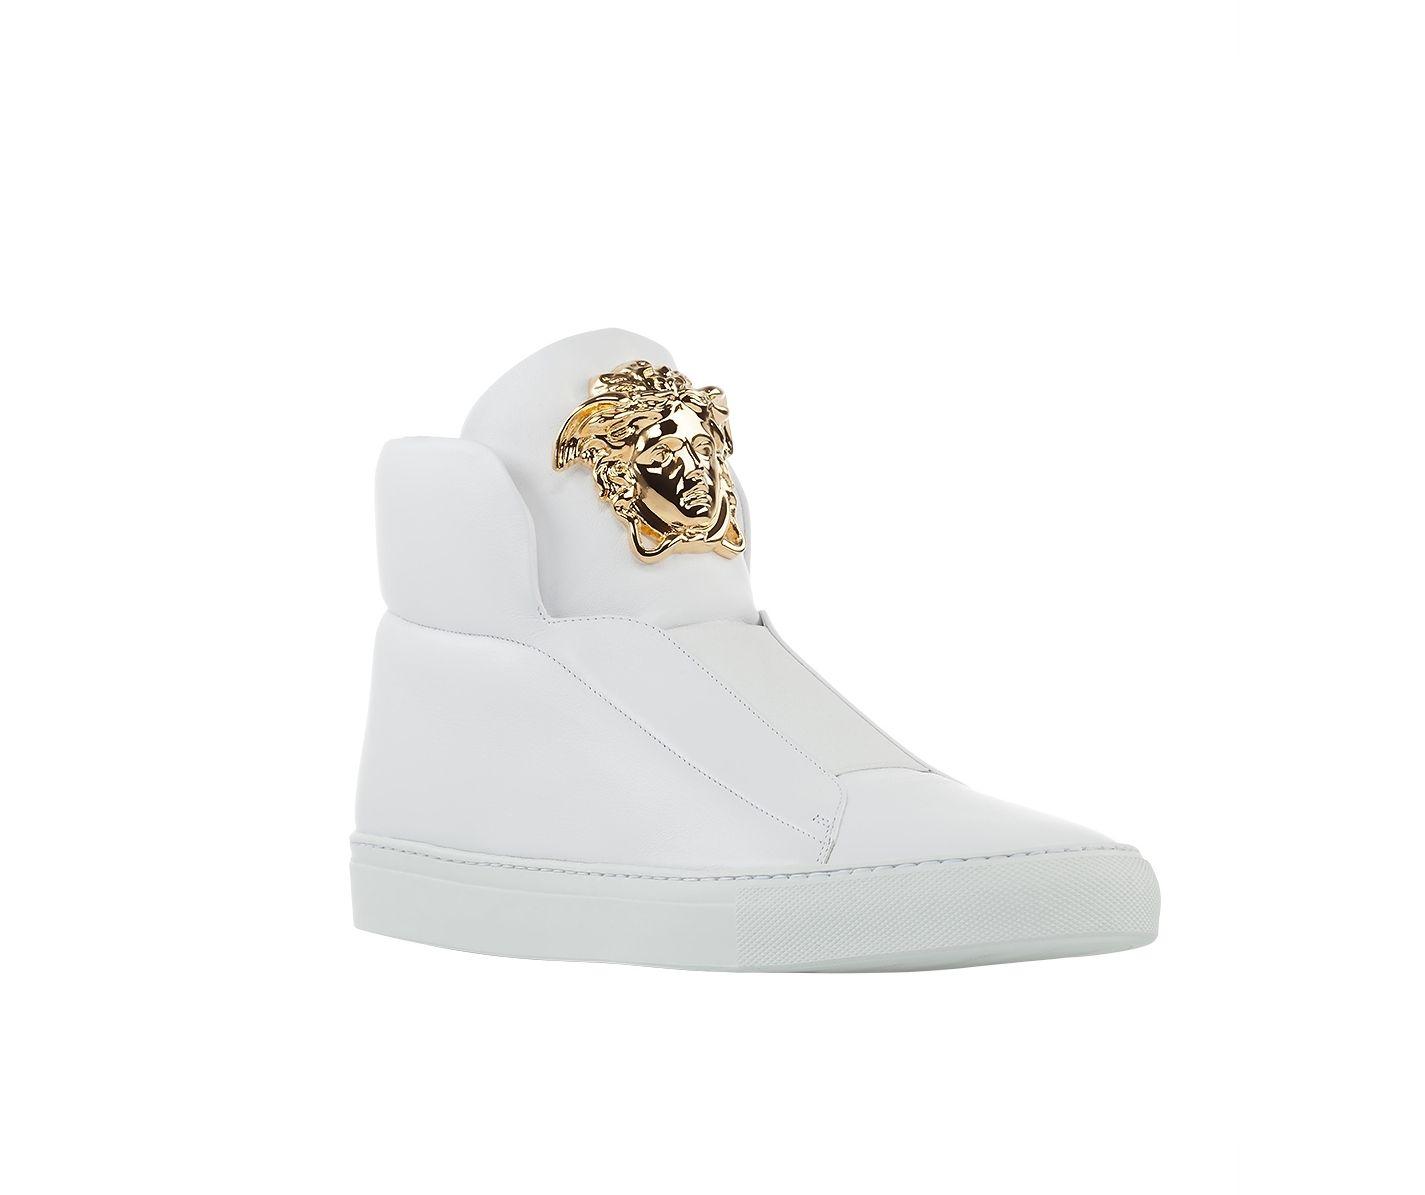 Versace Men's Fashion Shoes | Official